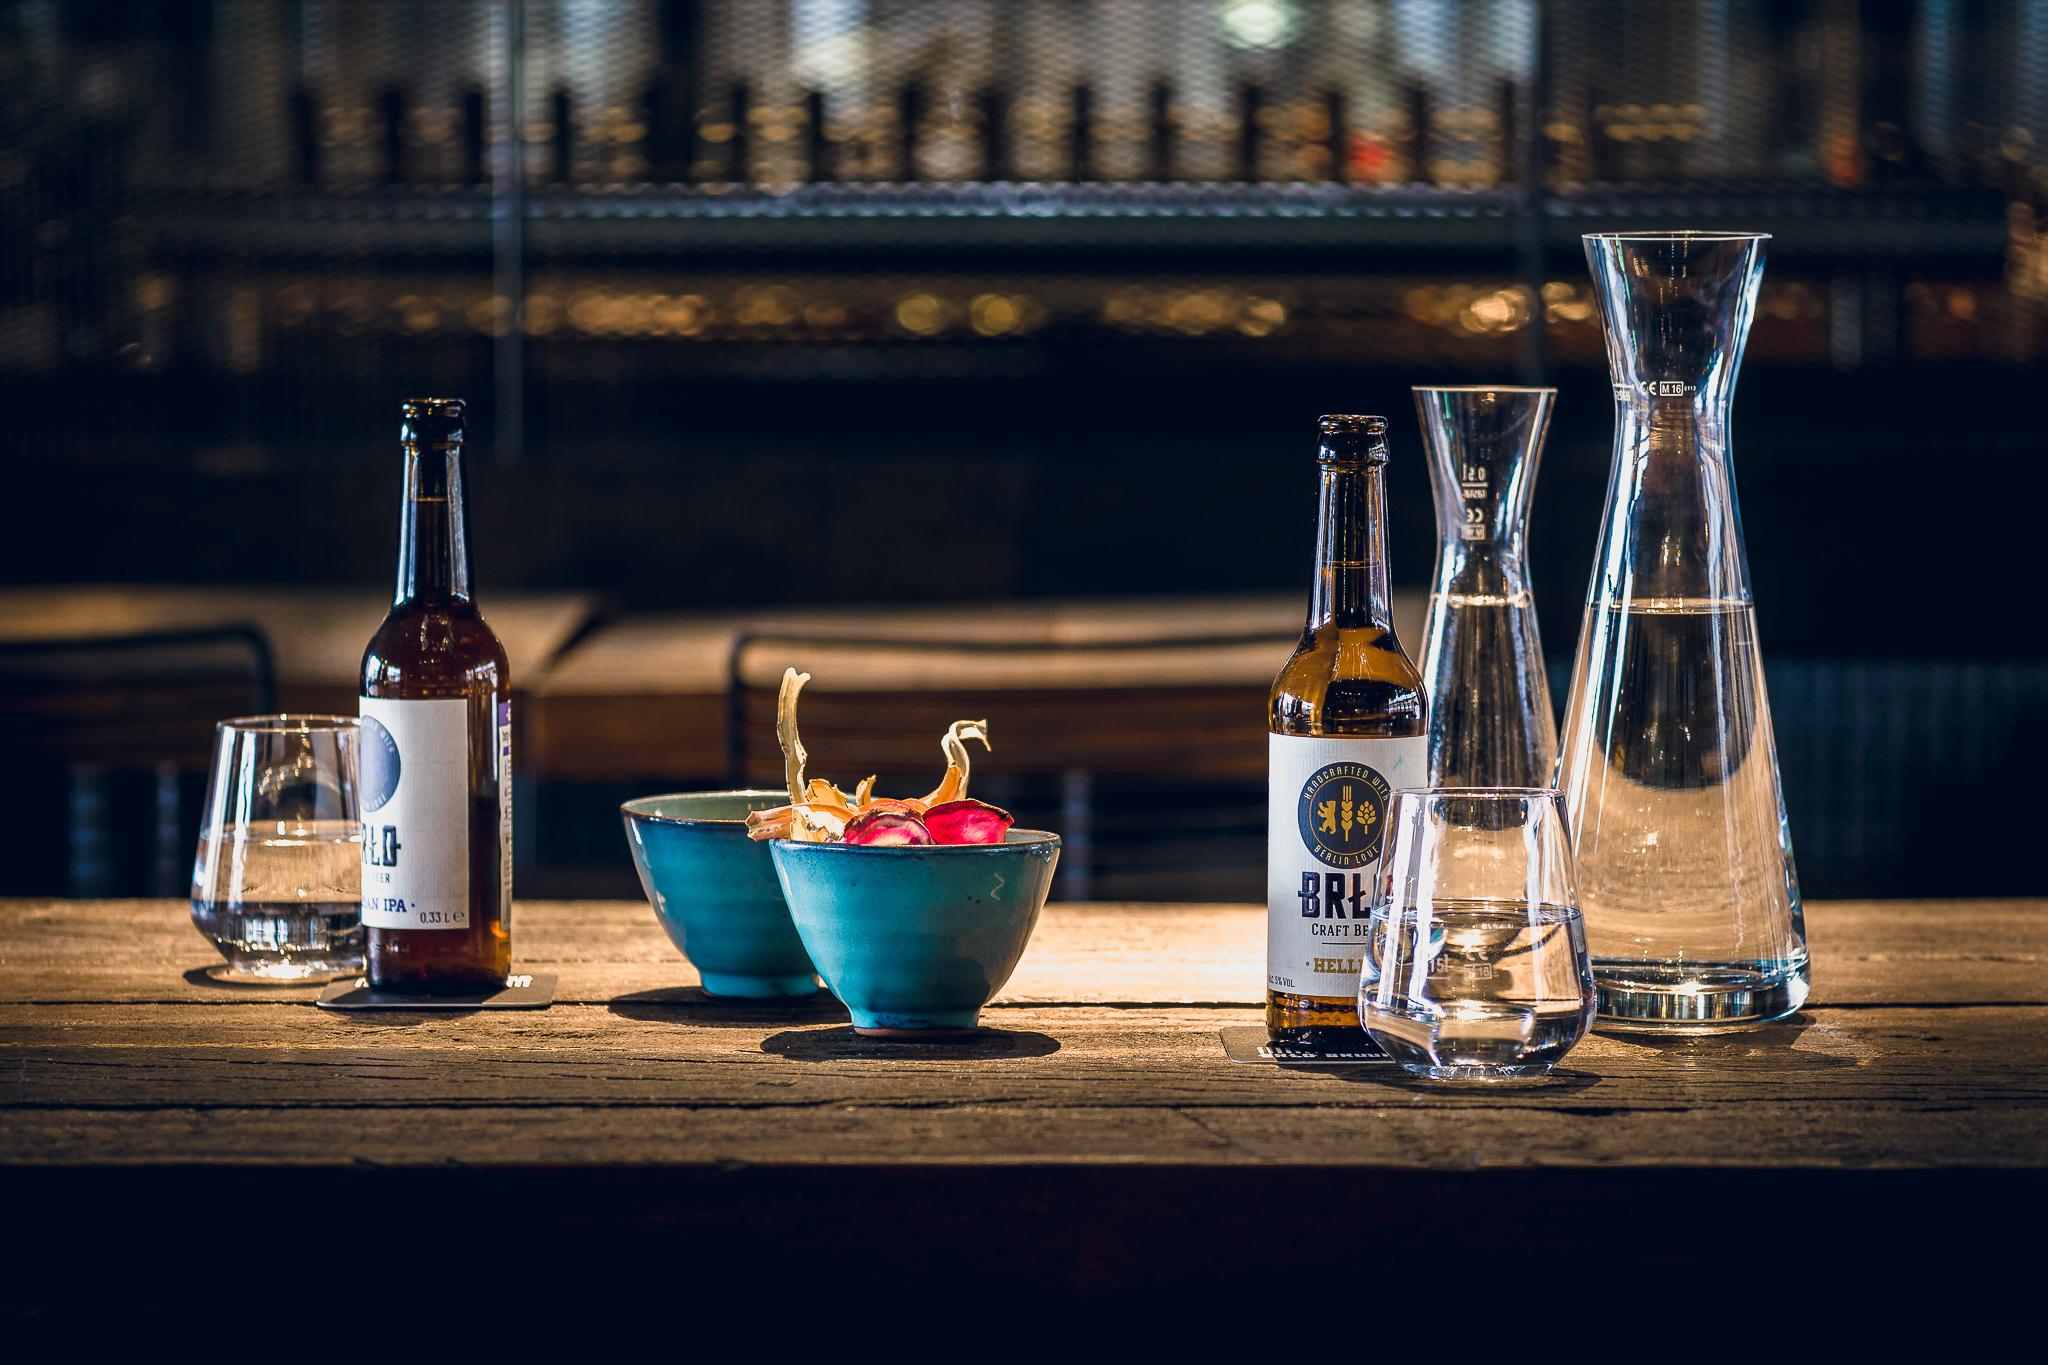 Ein von BRLO Brwhouse gedeckter Tisch mit Bierflaschen, Wasser und gesunden Snacks